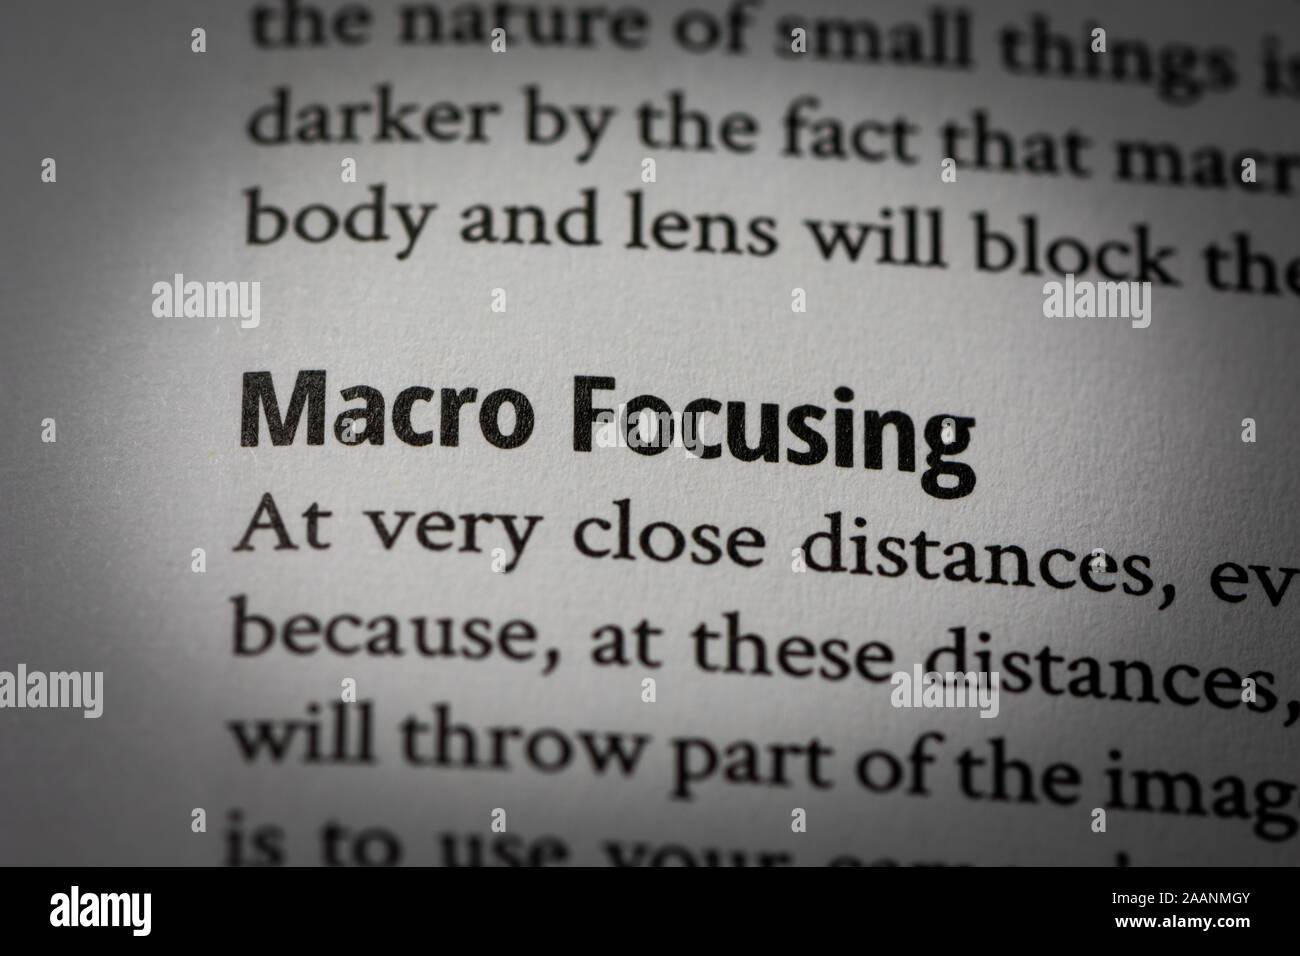 Macro Fotografía de palabras 'macro' centrada en la página en blanco de un libro sobre la fotografía con una pequeña viñeta aplicado. Foto de stock